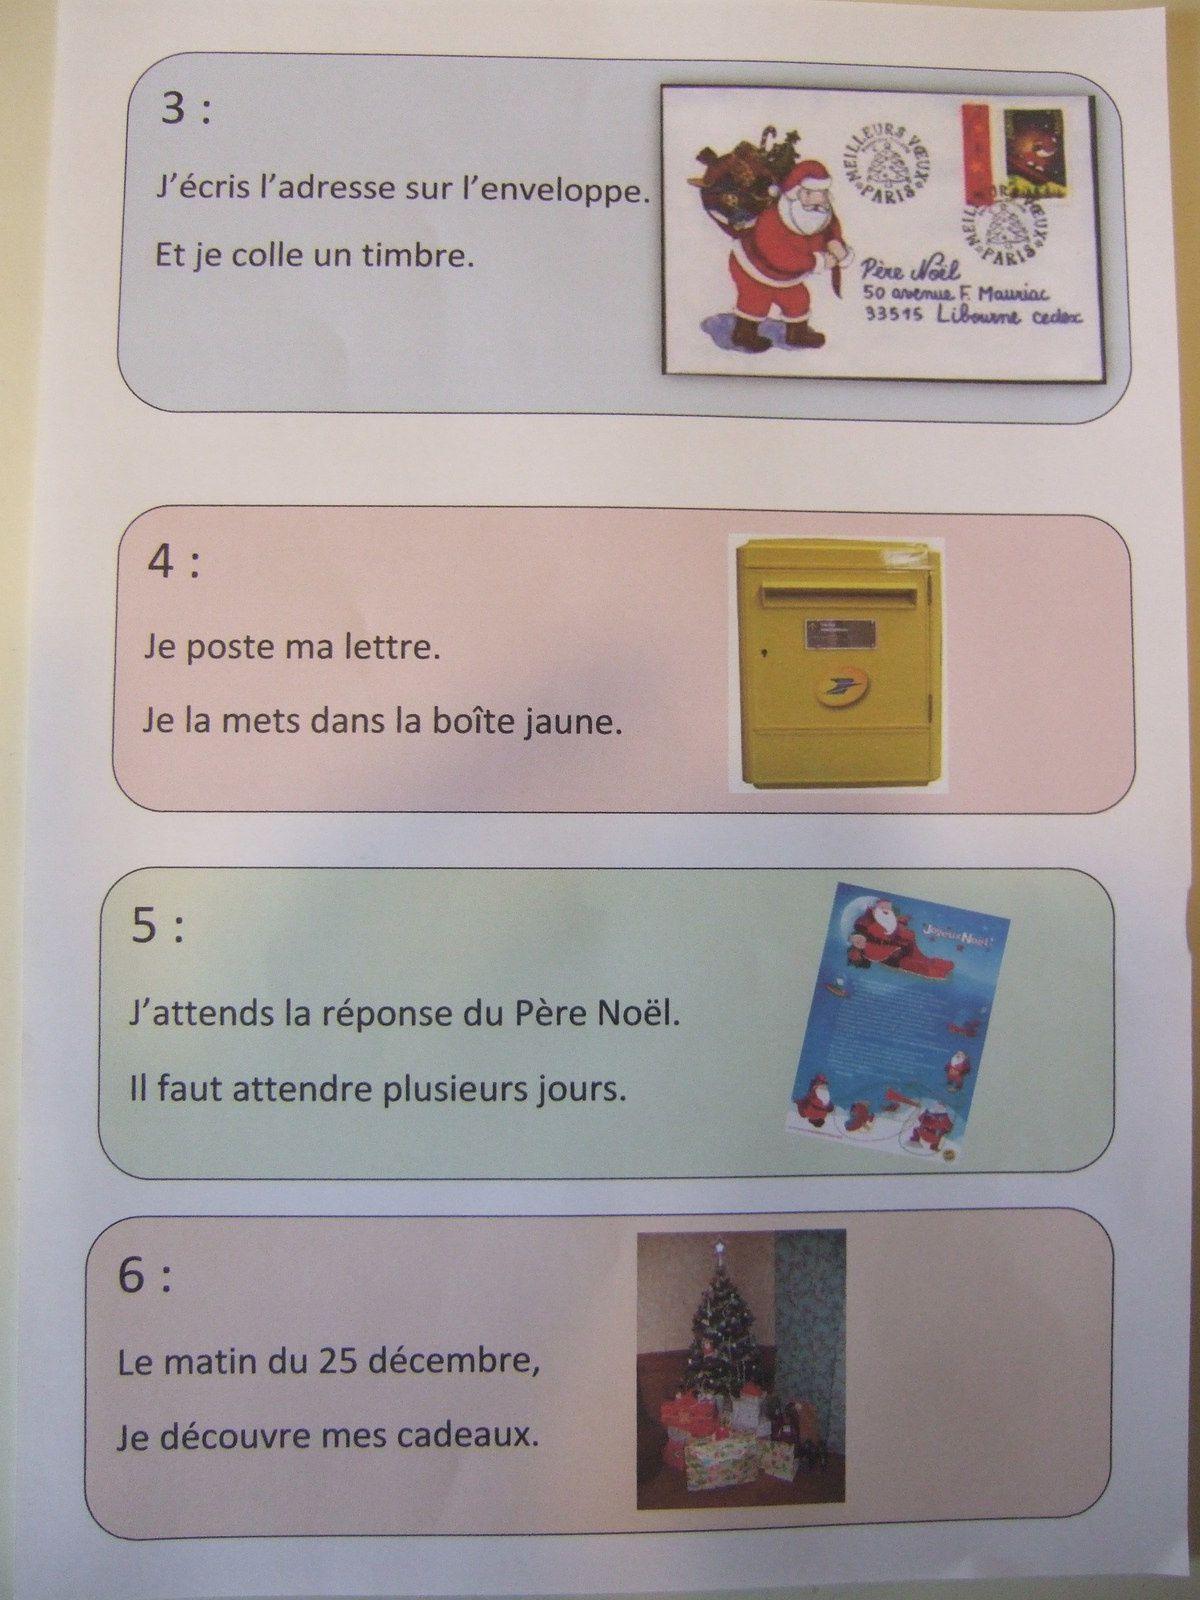 Ecrire une lettre au Père Noël